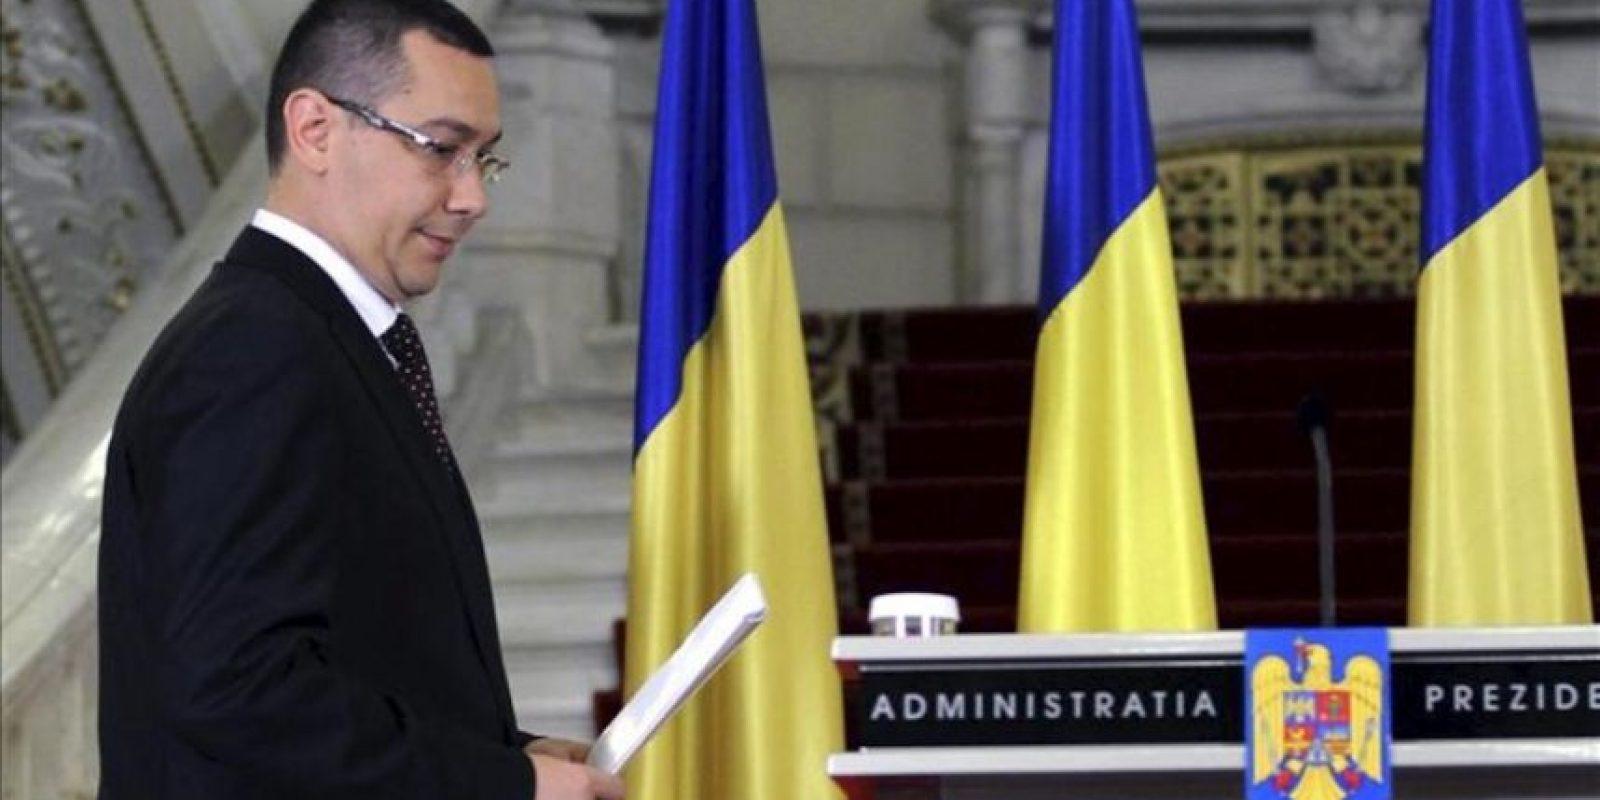 El líder opositor socialdemócrata, Victor Ponta, se dispone a pronunciar un discurso tras ser designado nuevo primer ministro por el presidente rumano, el conservador Traian Basescu. EFE